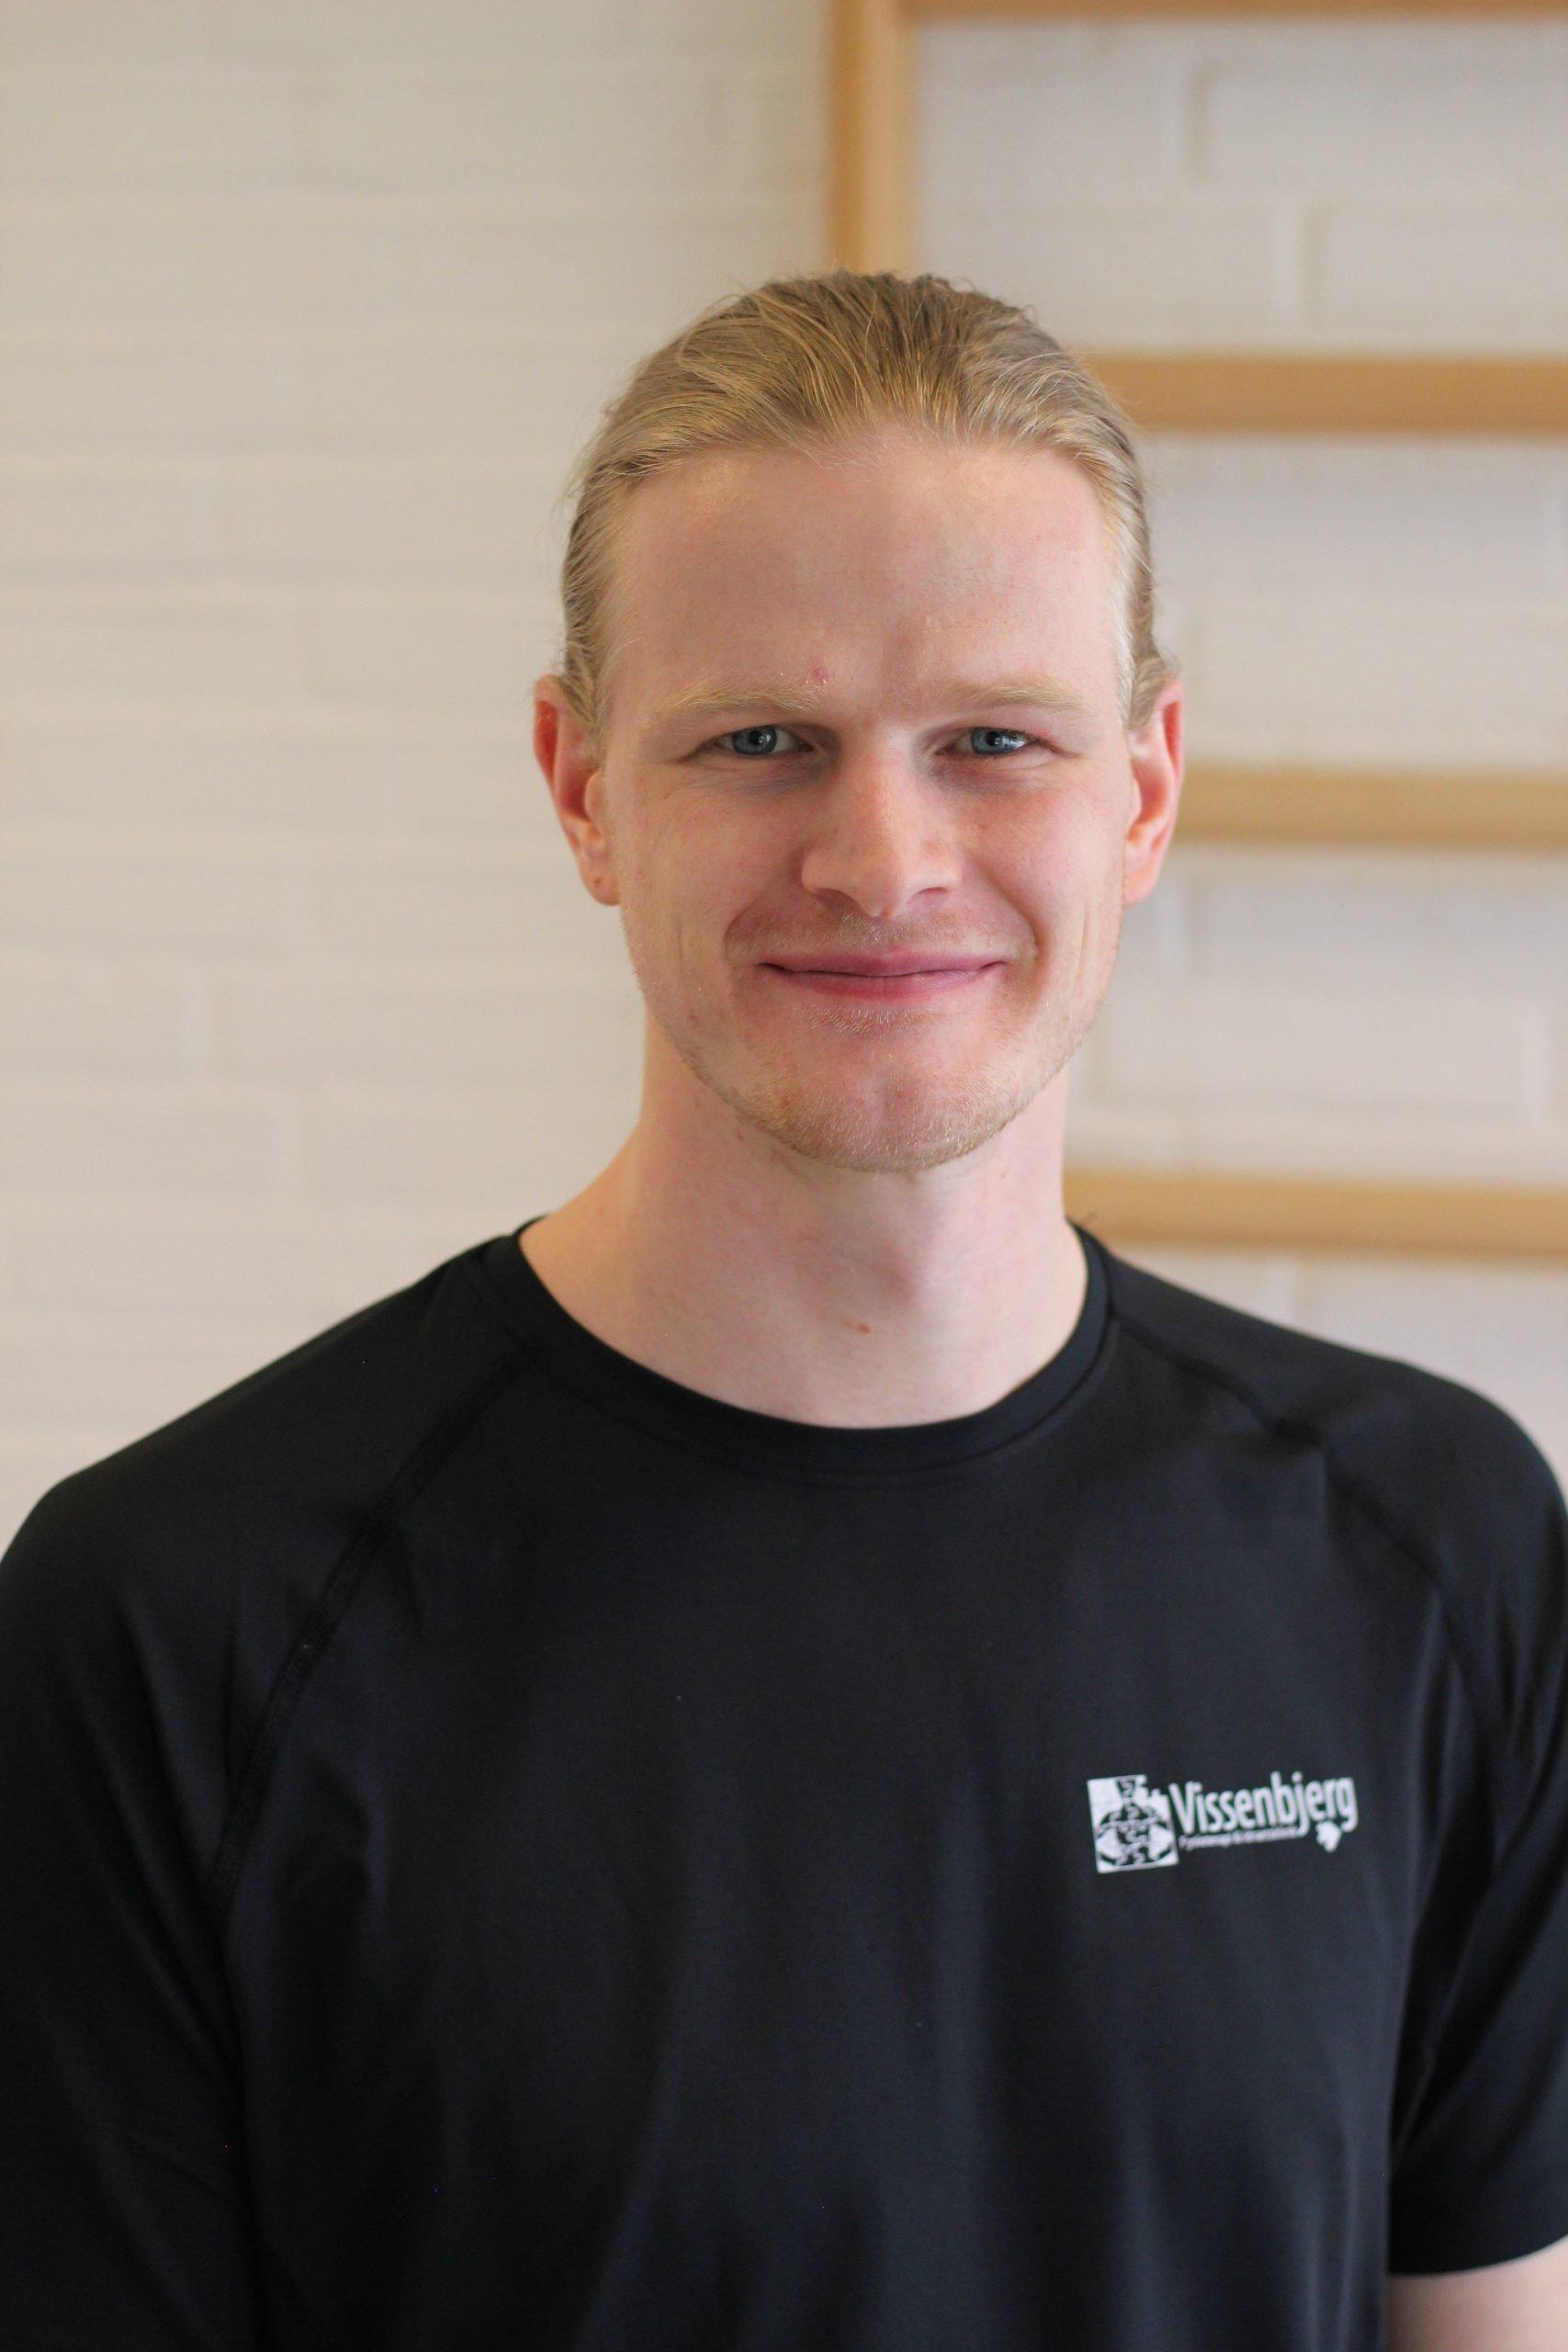 Frederik Giørtz